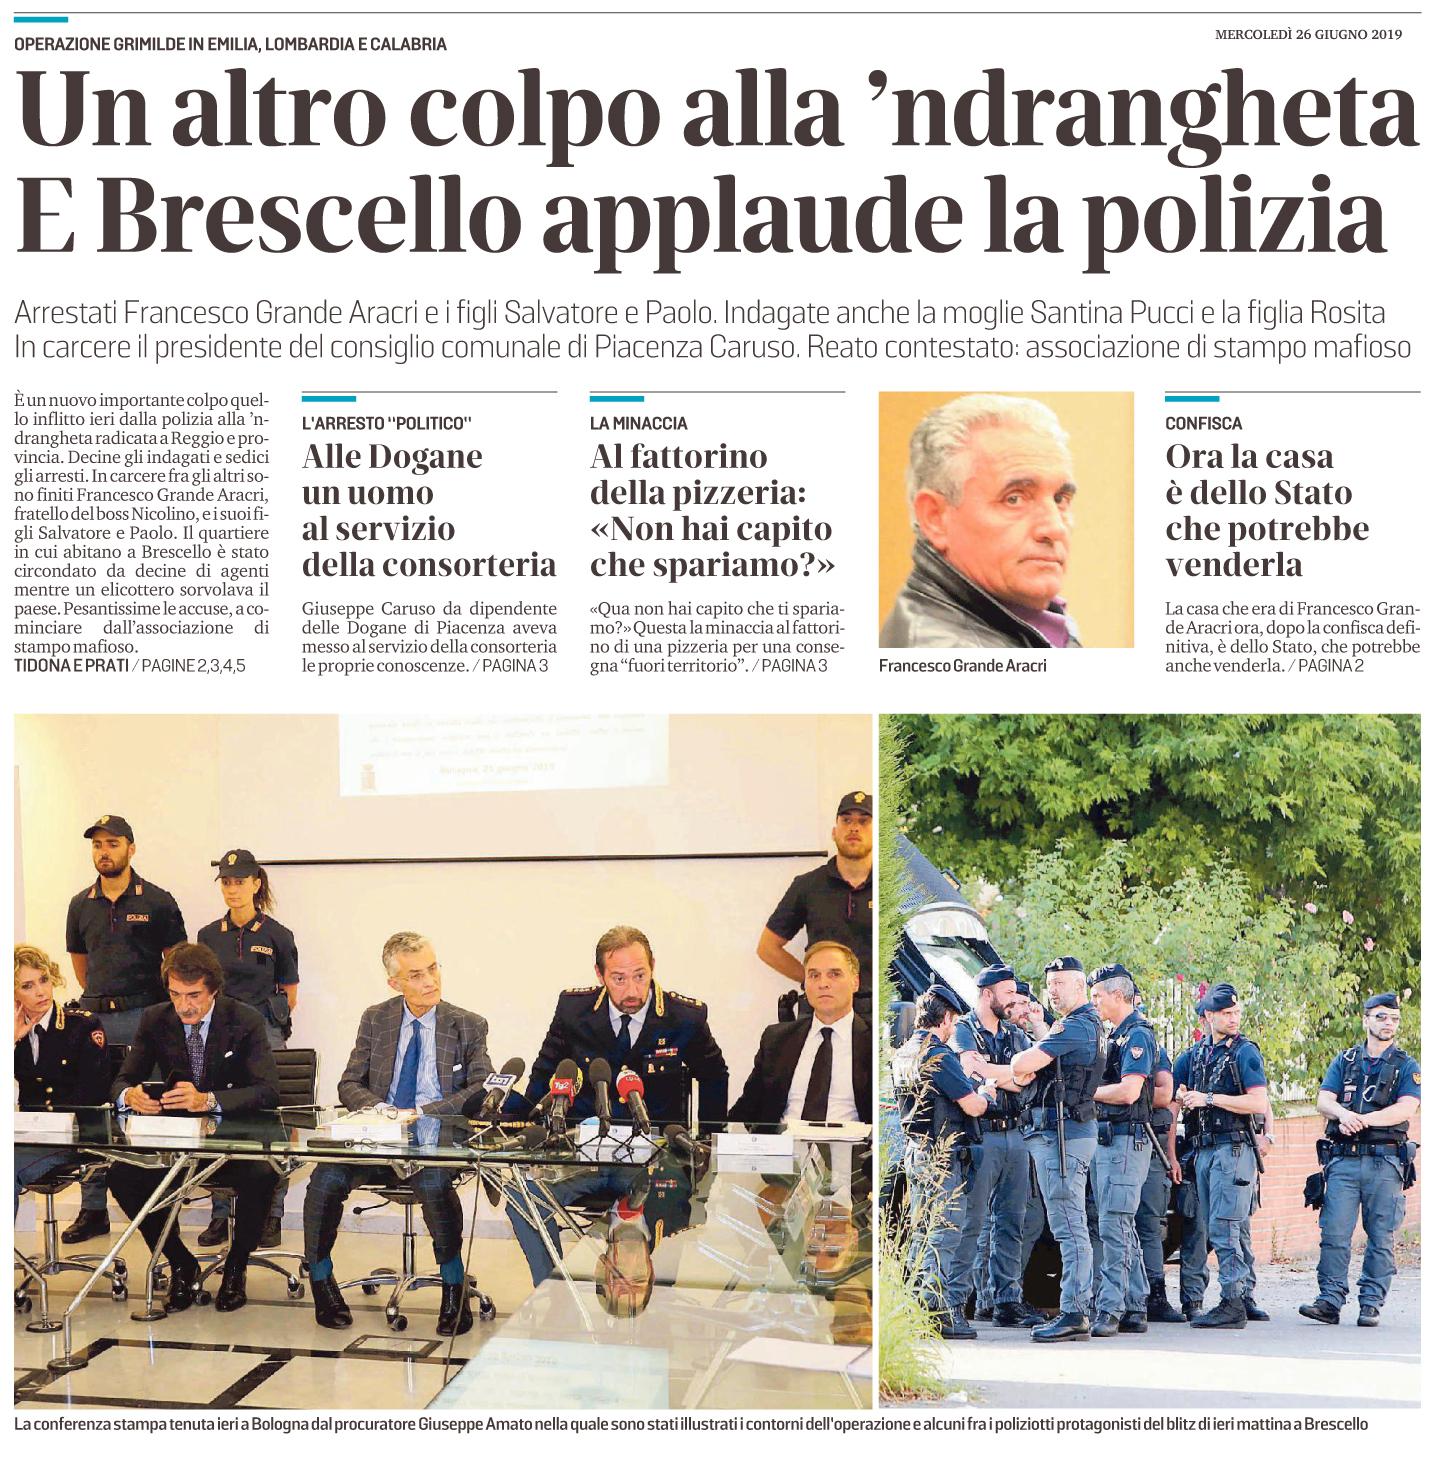 Un altro colpo alla 'Ndrangheta